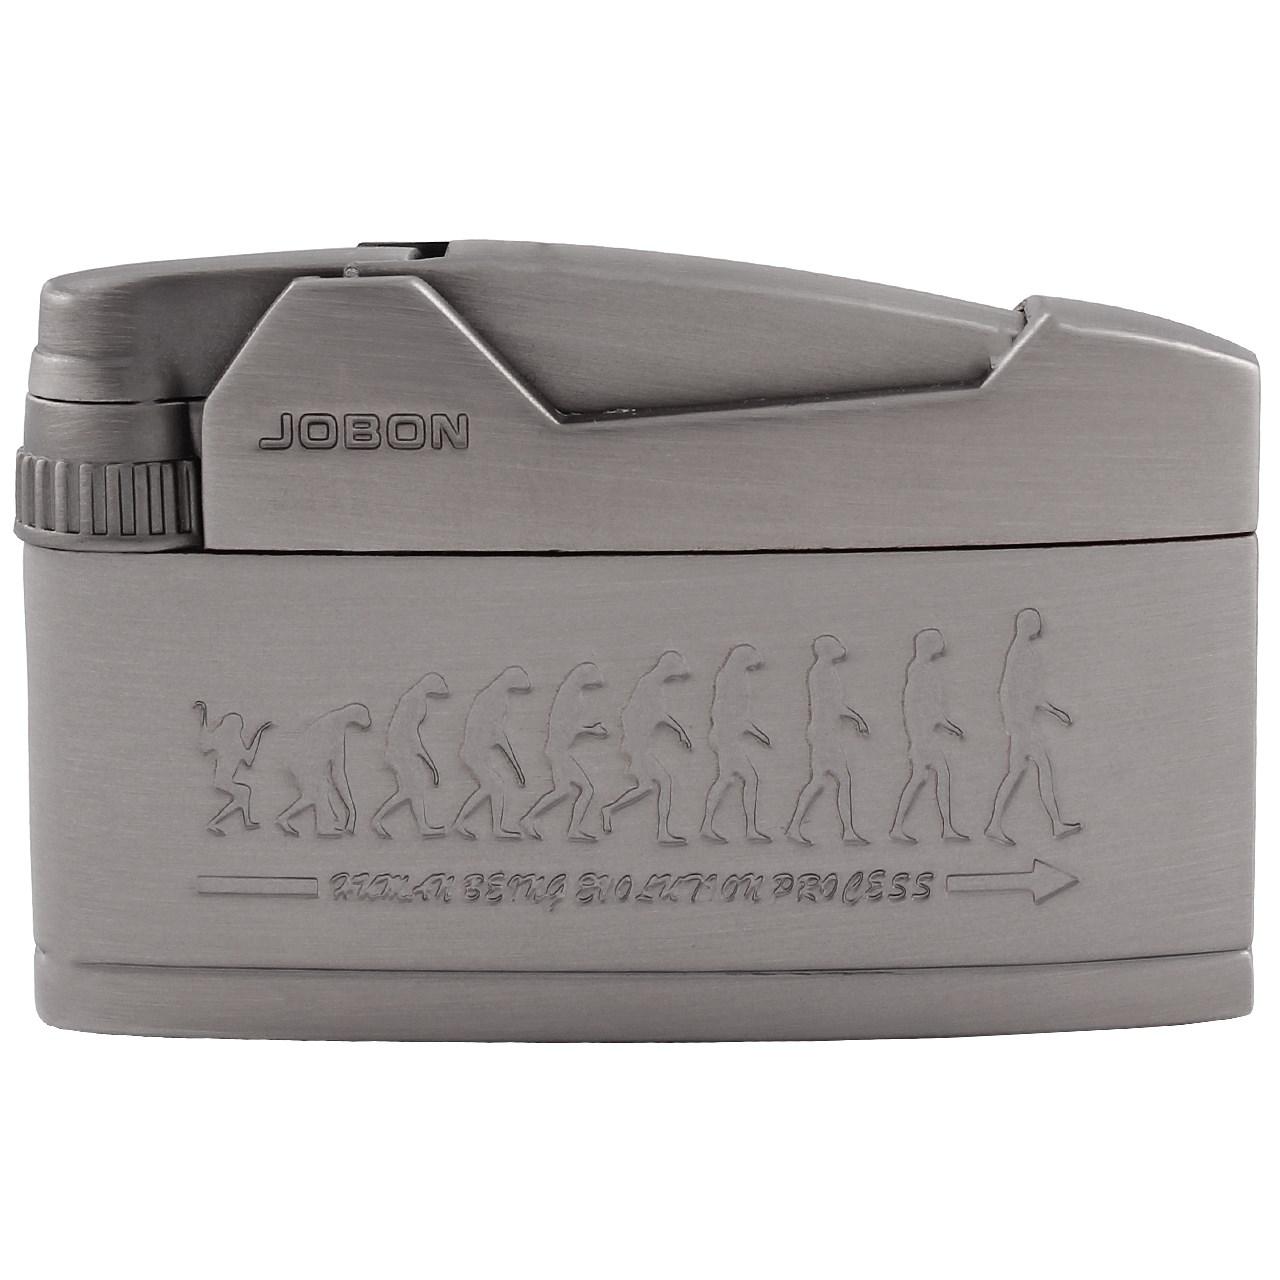 فندک جوبون مدل Smoking Silver